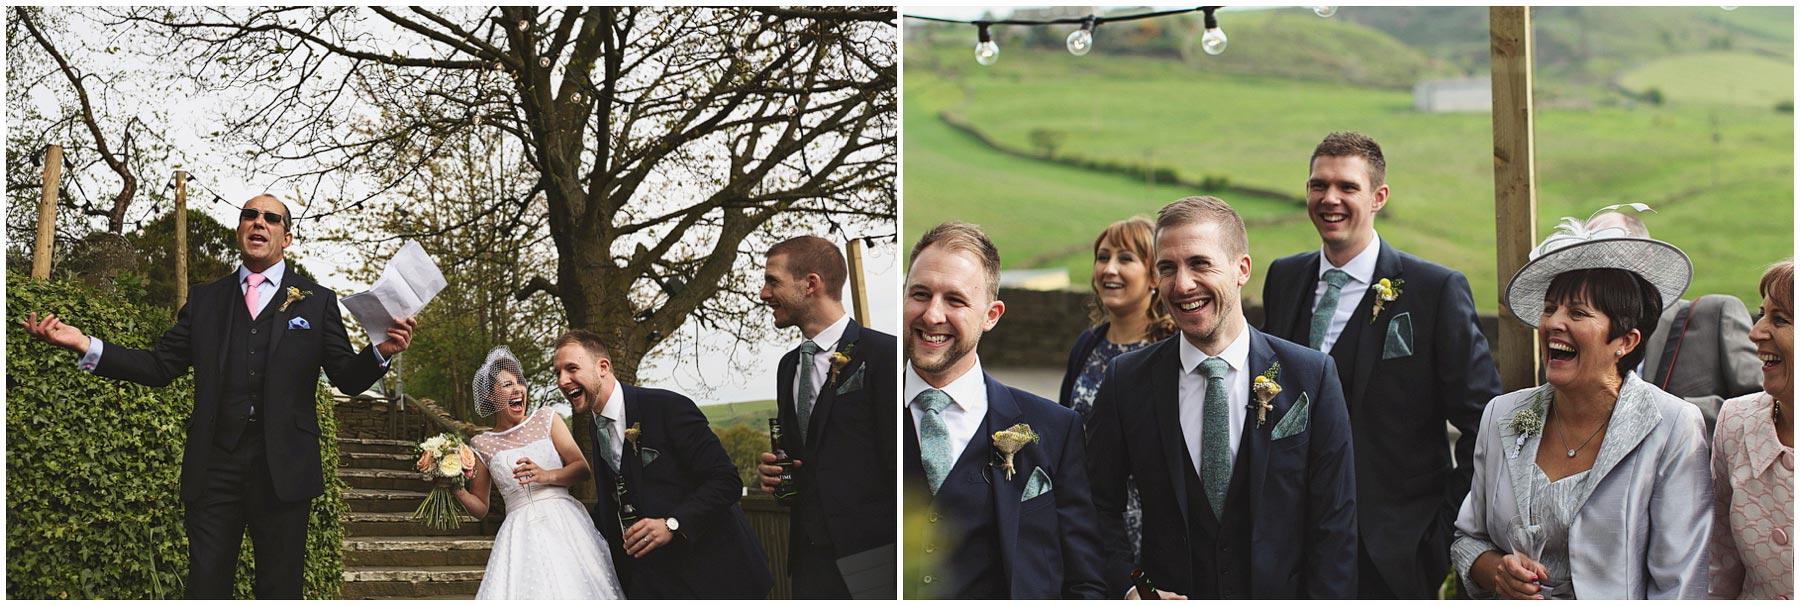 the-spiced-pear-wedding-photographer_0082